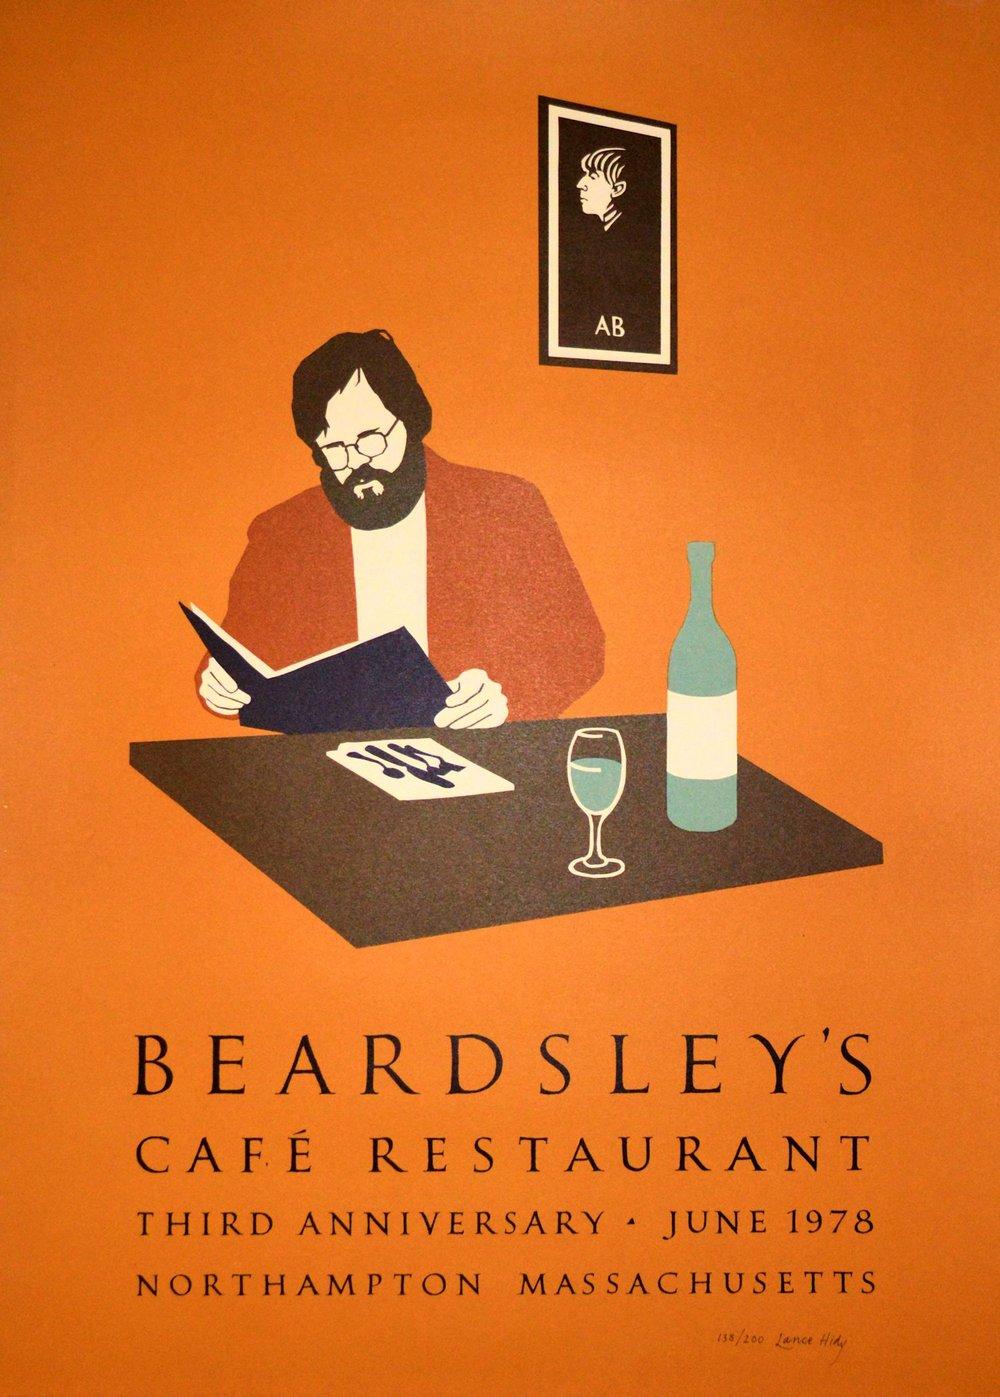 Hidy-Beardsley's Third Anniversary.jpg